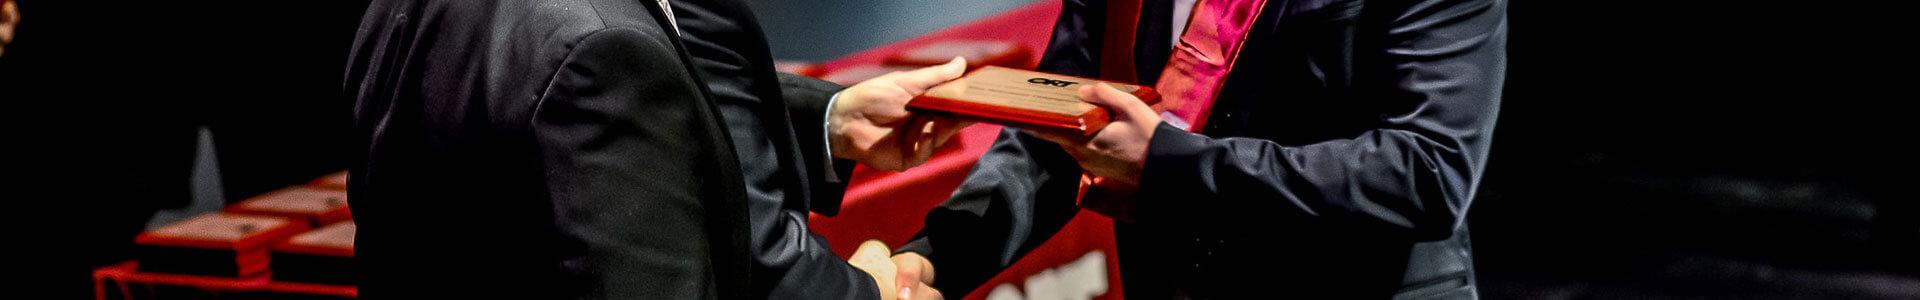 Graduados de la Facultad de Administración y Ciencias Sociales